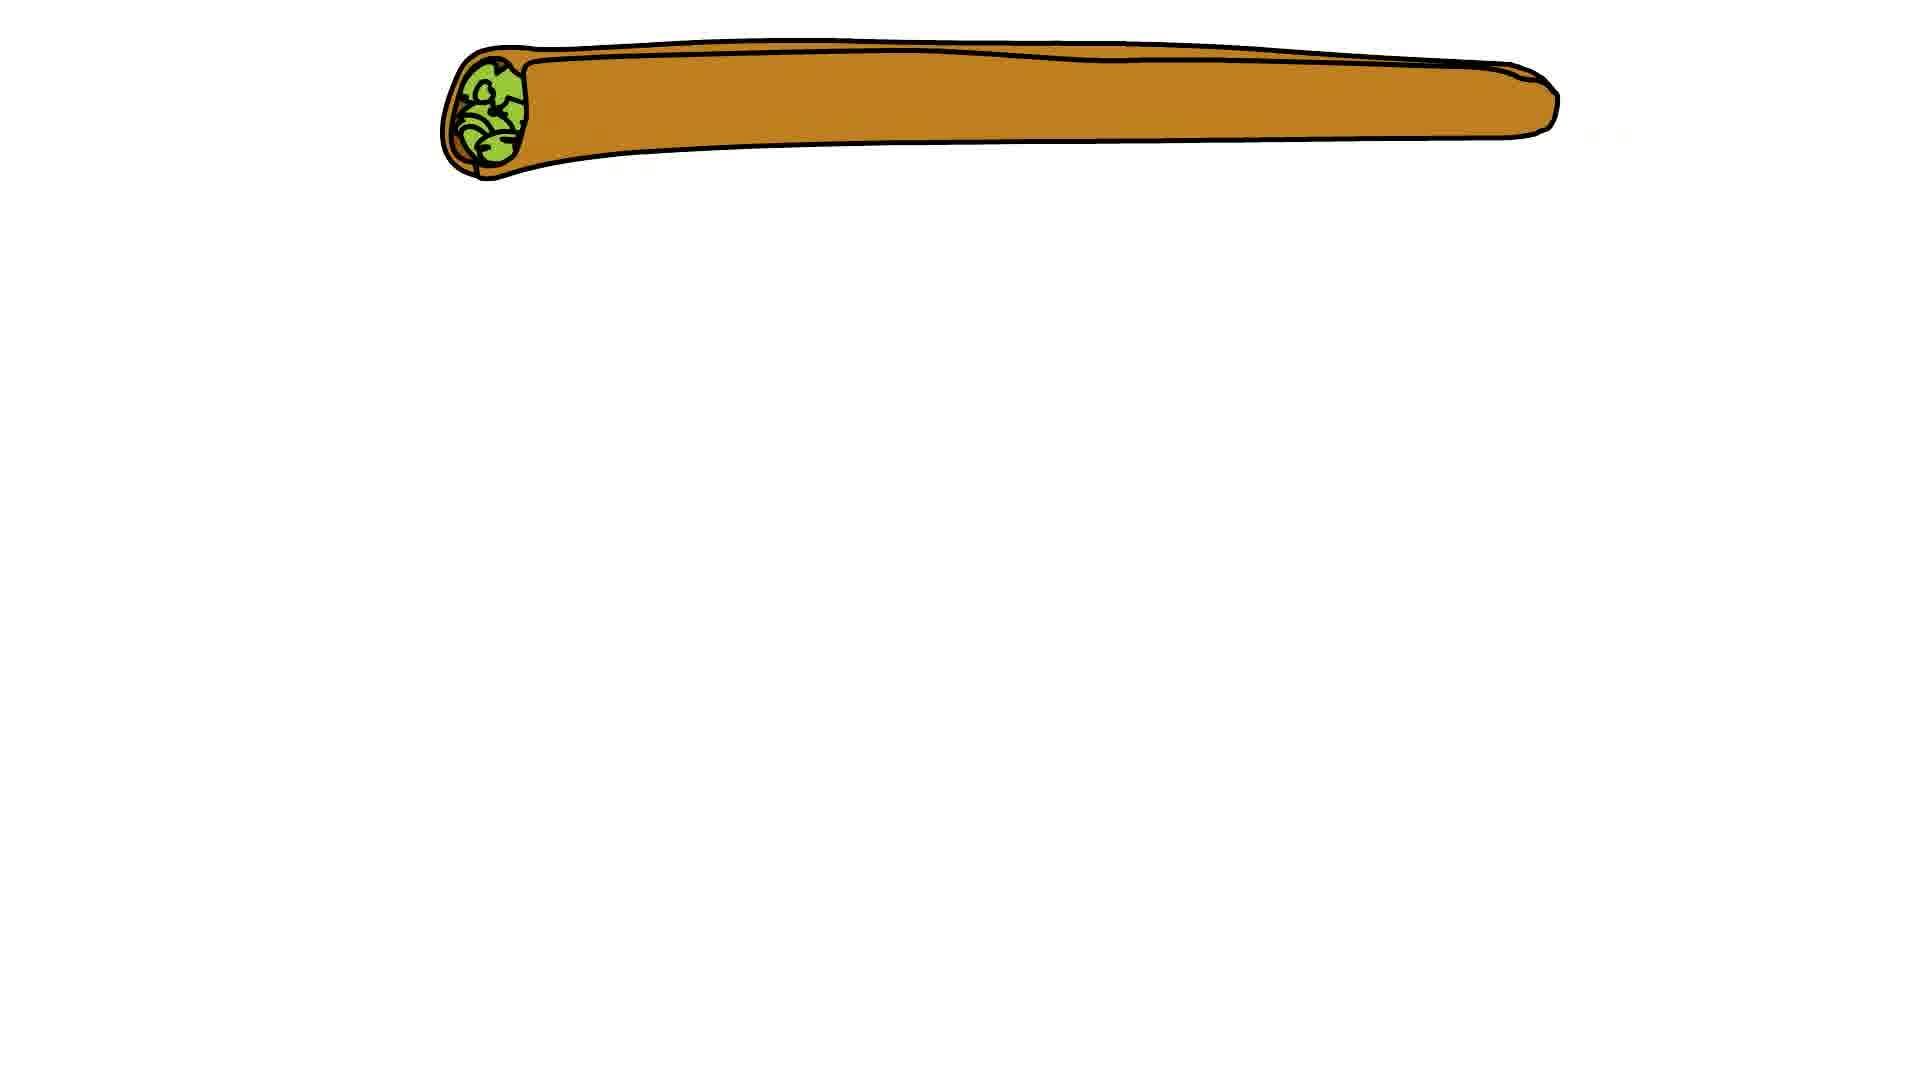 Cigar clipart blunt Clipart clipart weed & Vectors